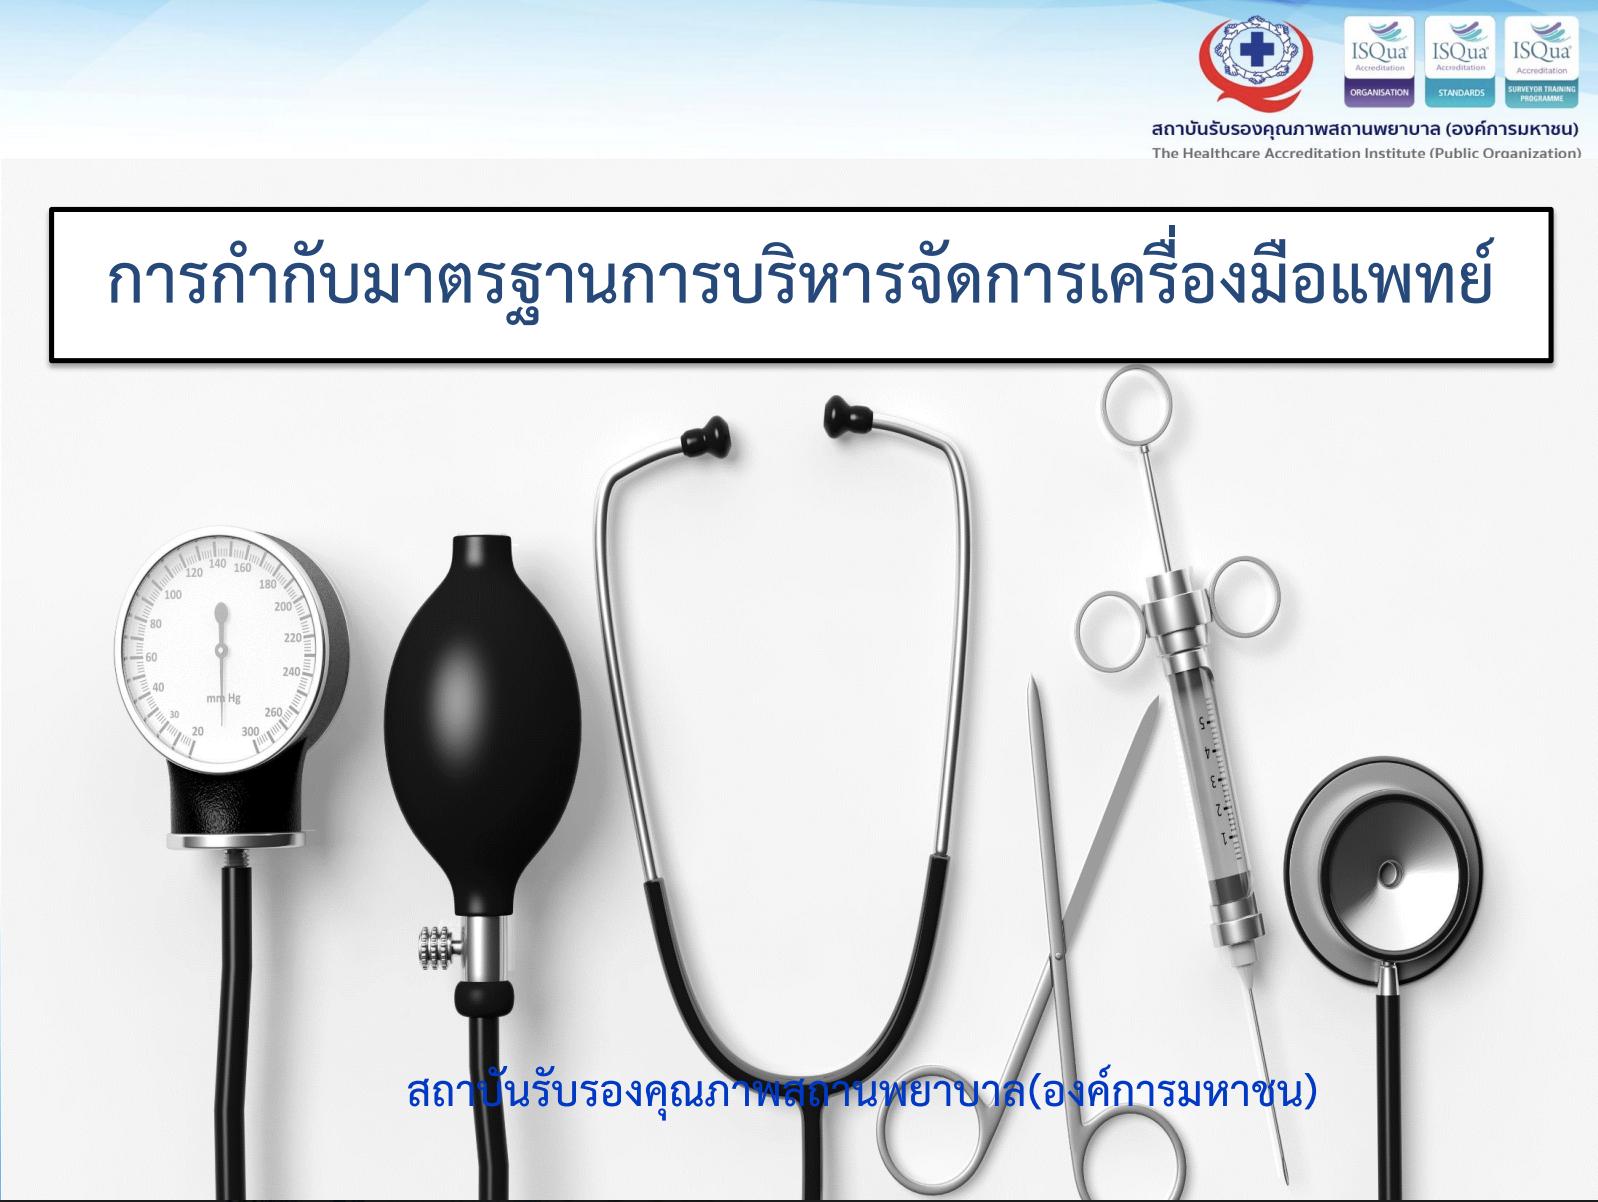 การกำกับมาตรฐานการบริหารจัดการเครื่องมือแพทย์